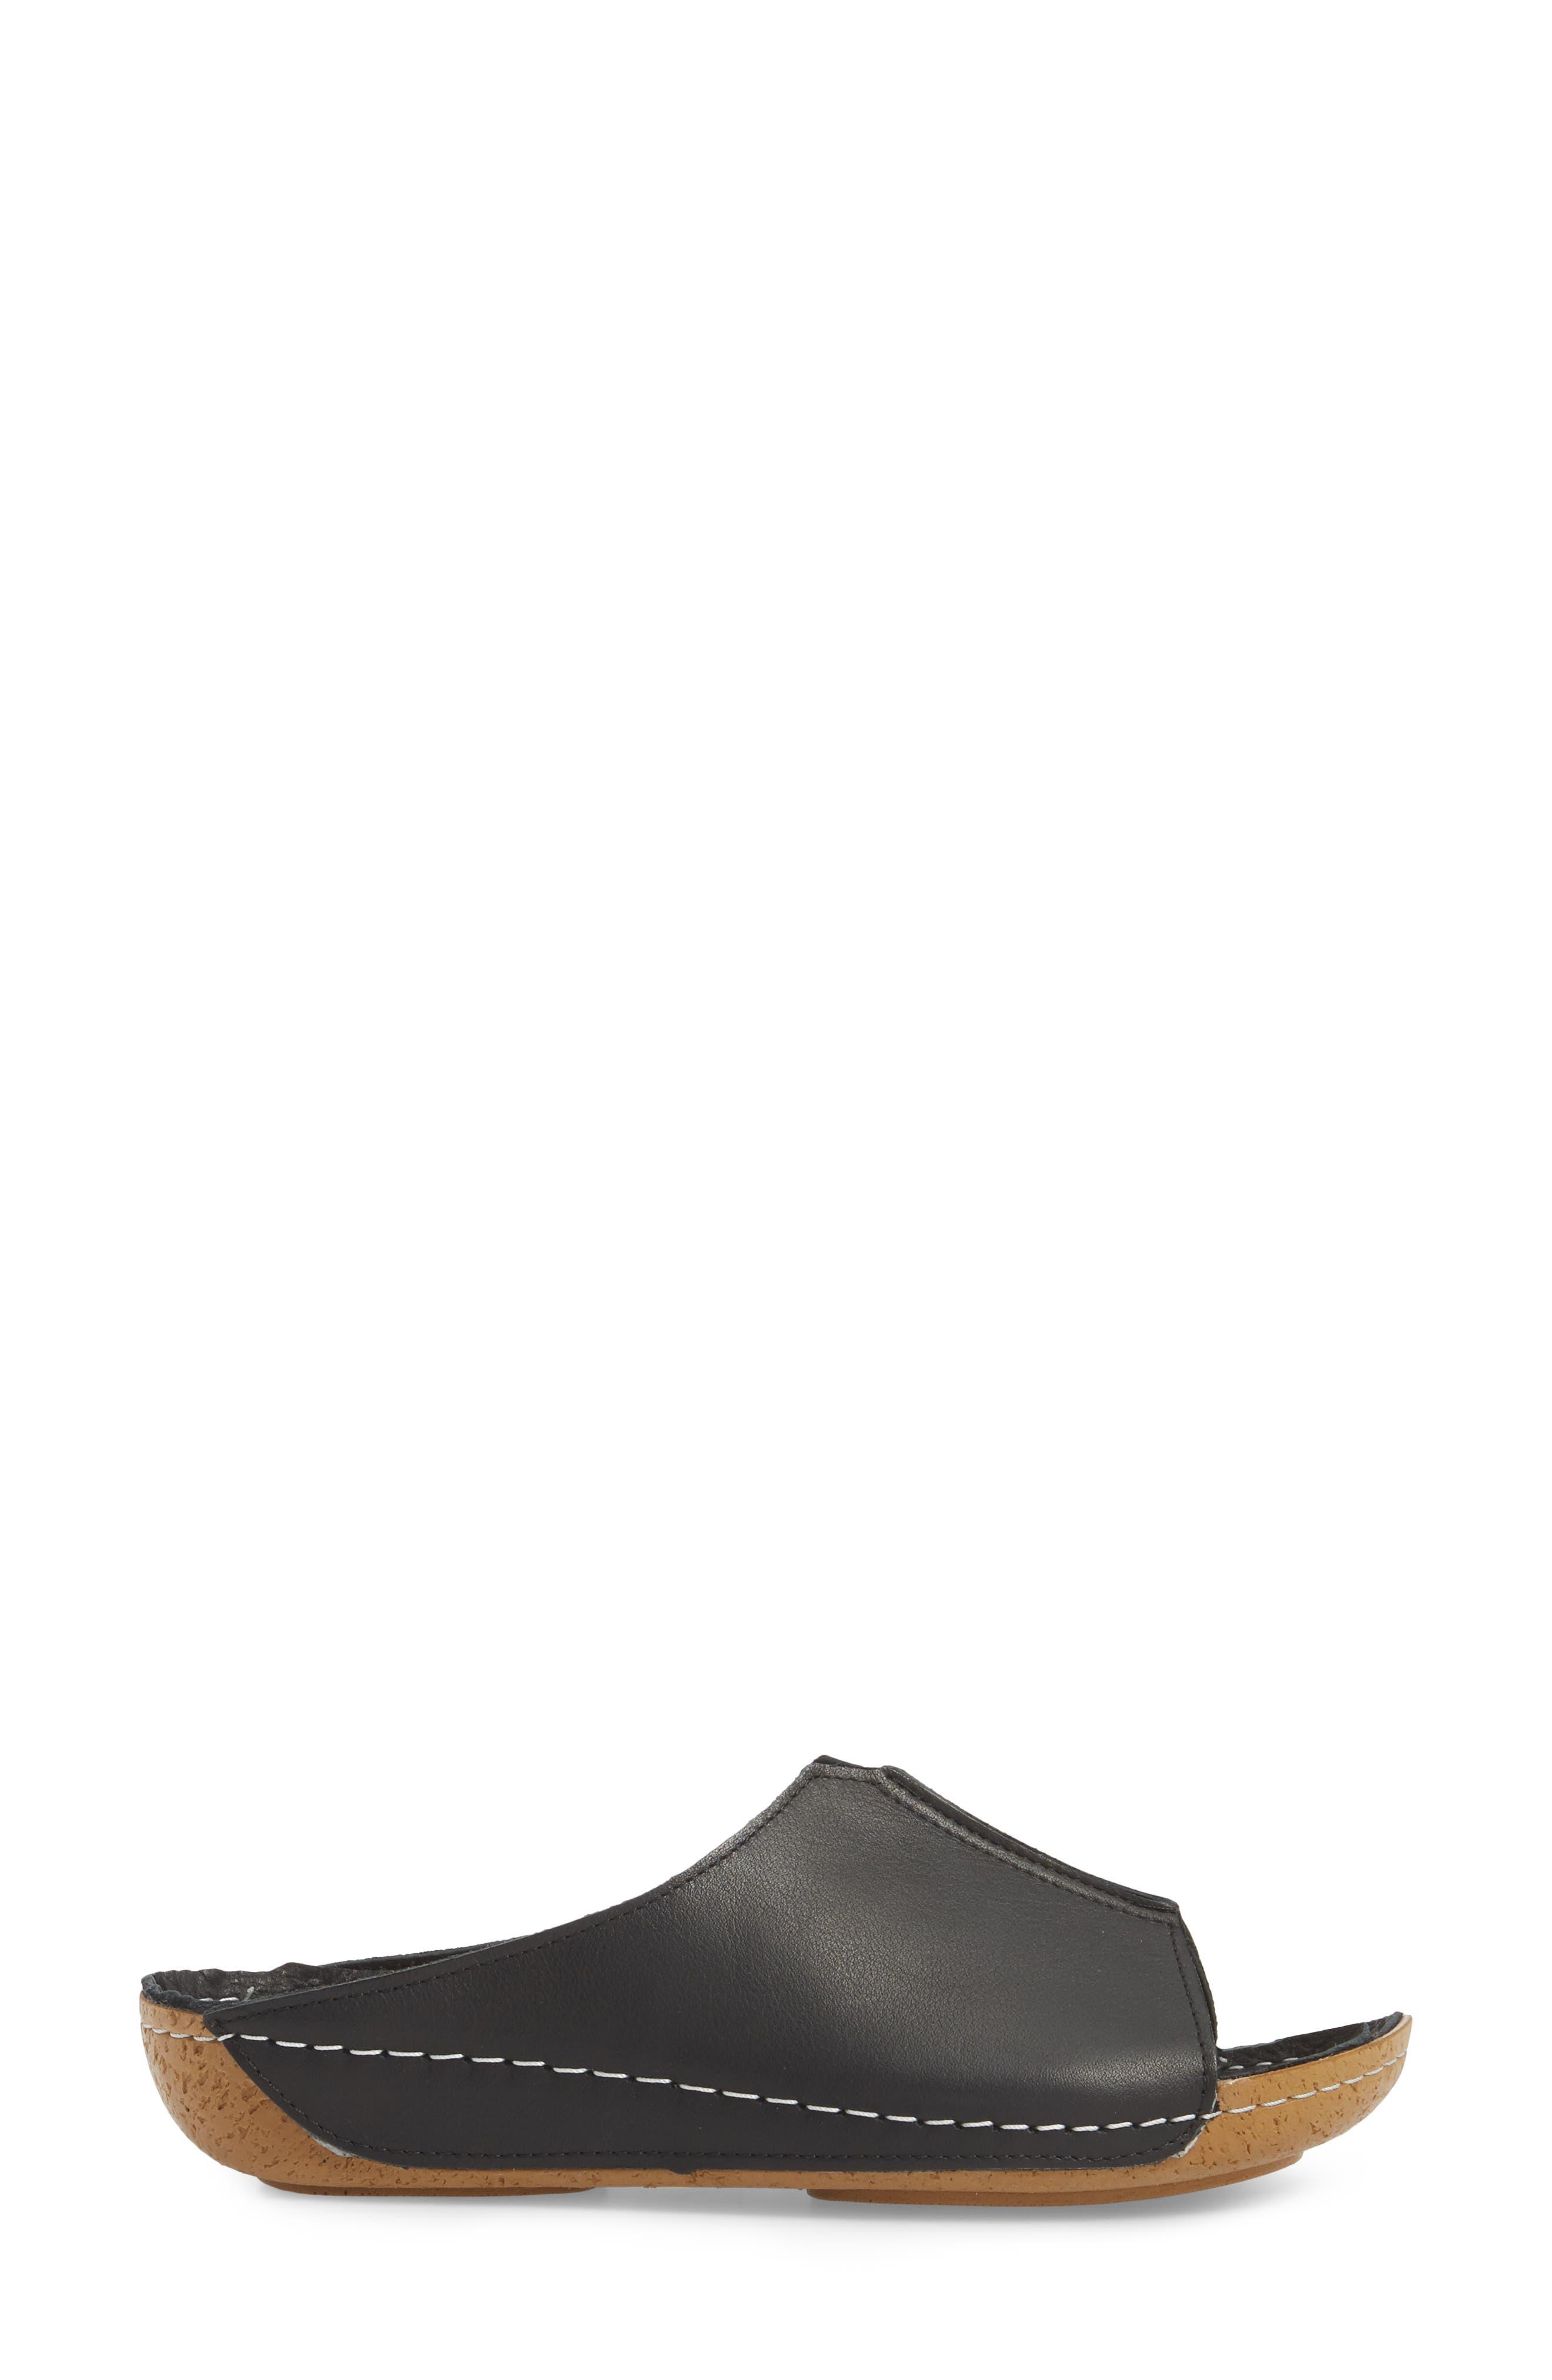 Alexa 3 Slide Sandal,                             Alternate thumbnail 7, color,